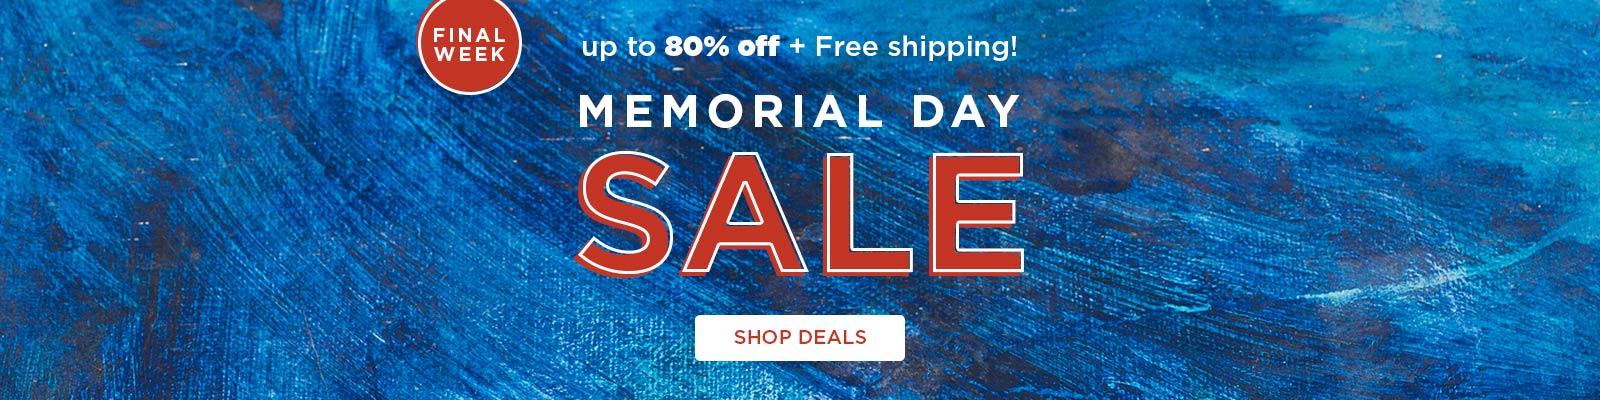 Memorial Day Sale Final Week